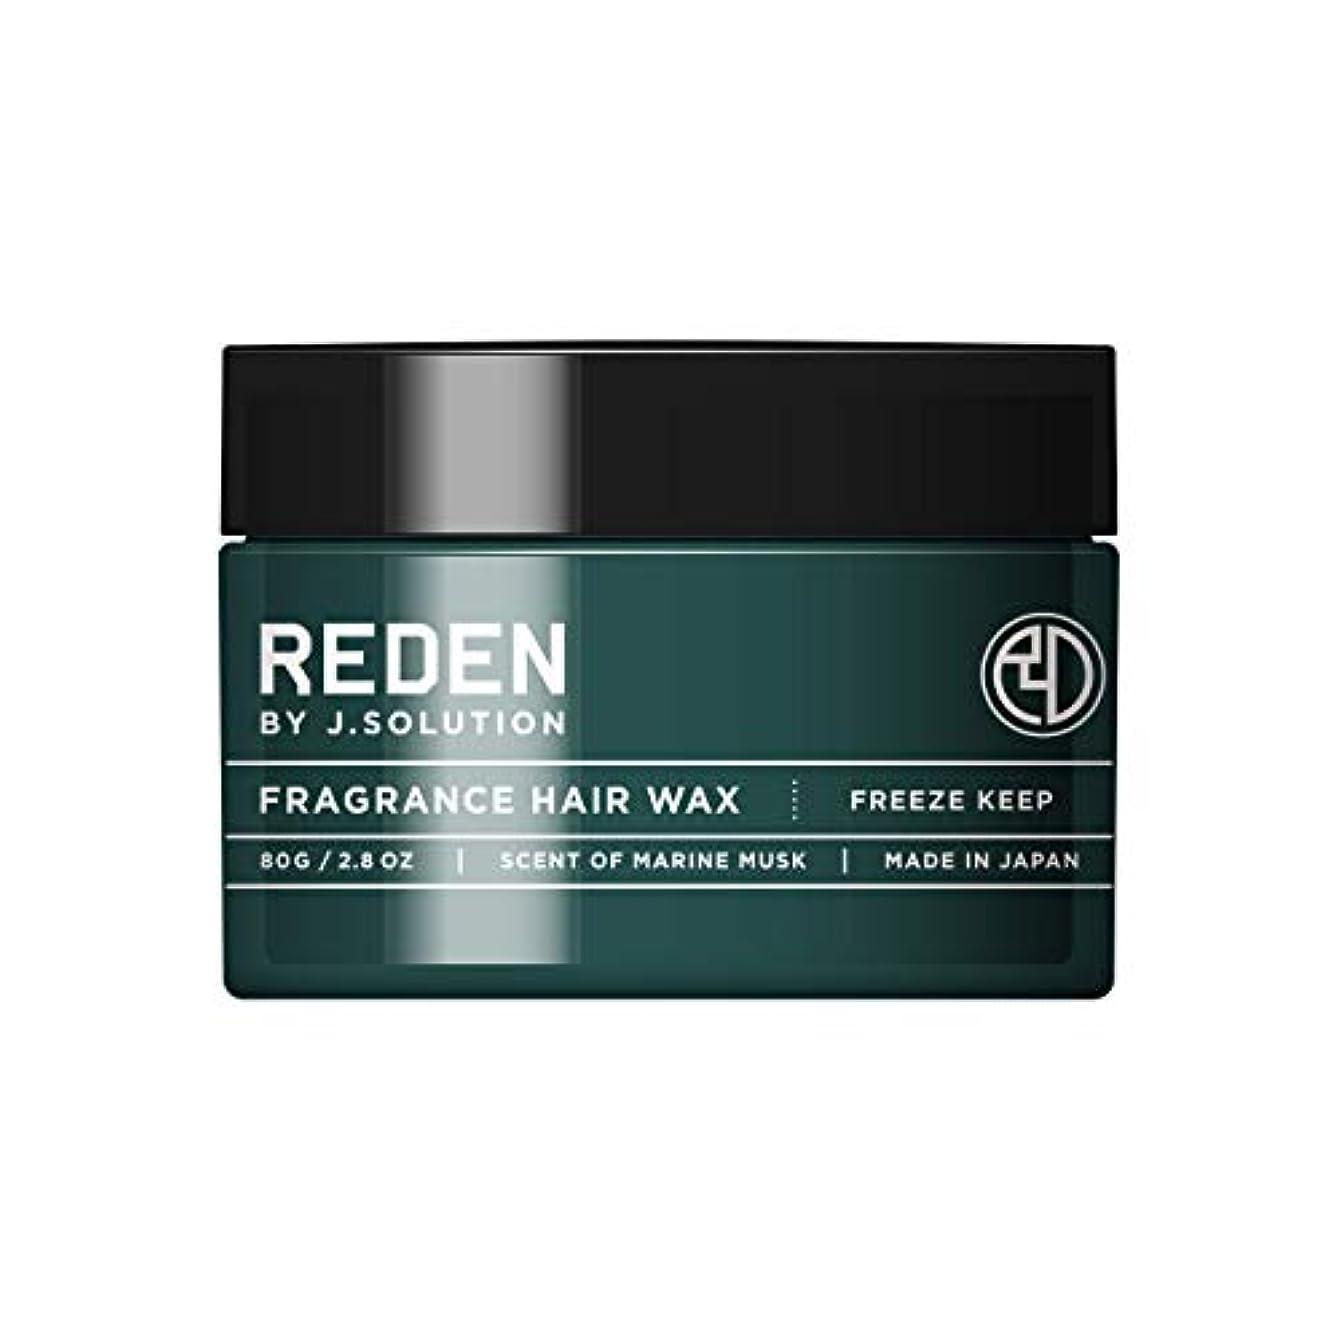 アレキサンダーグラハムベル比率なぜREDEN(リデン) REDEN FRAGRANCE HAIR WAX FREEZE KEEP(リデン フレグランス ヘアワックス フリーズキープ)80ml マリンムスク